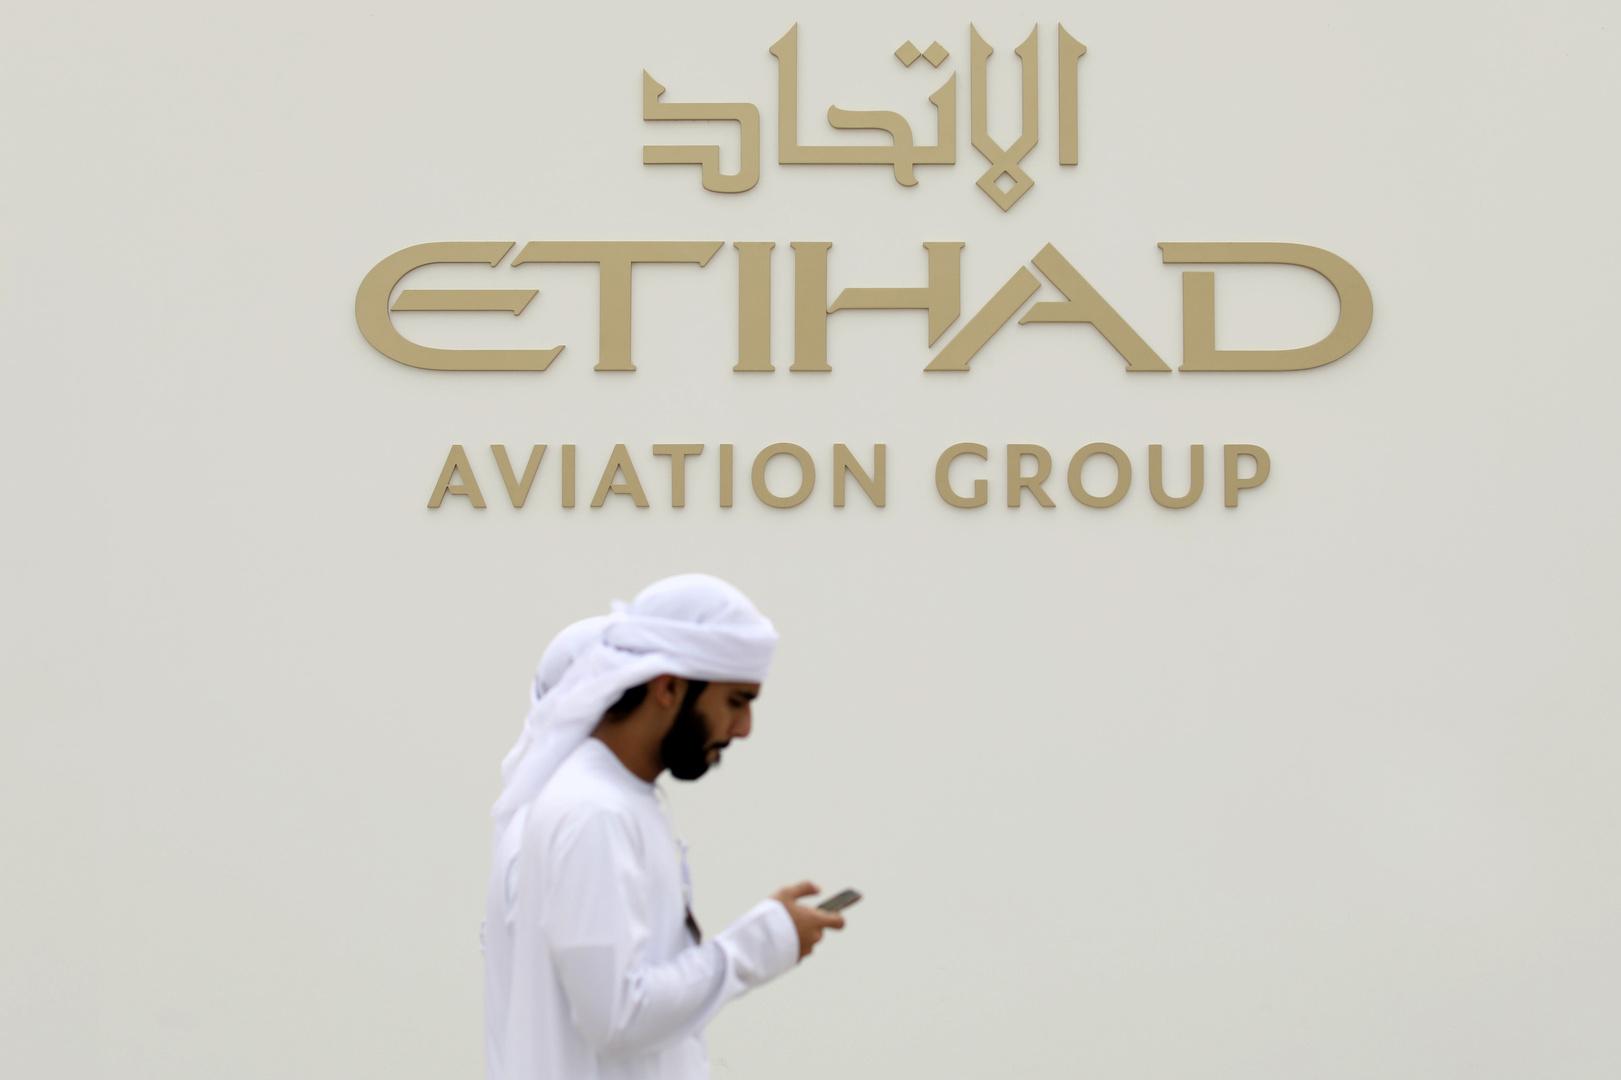 الاتحاد للطيران توفر رحلات ربط بين 20 مدينة في ثلاث قارات عبر أبوظبي